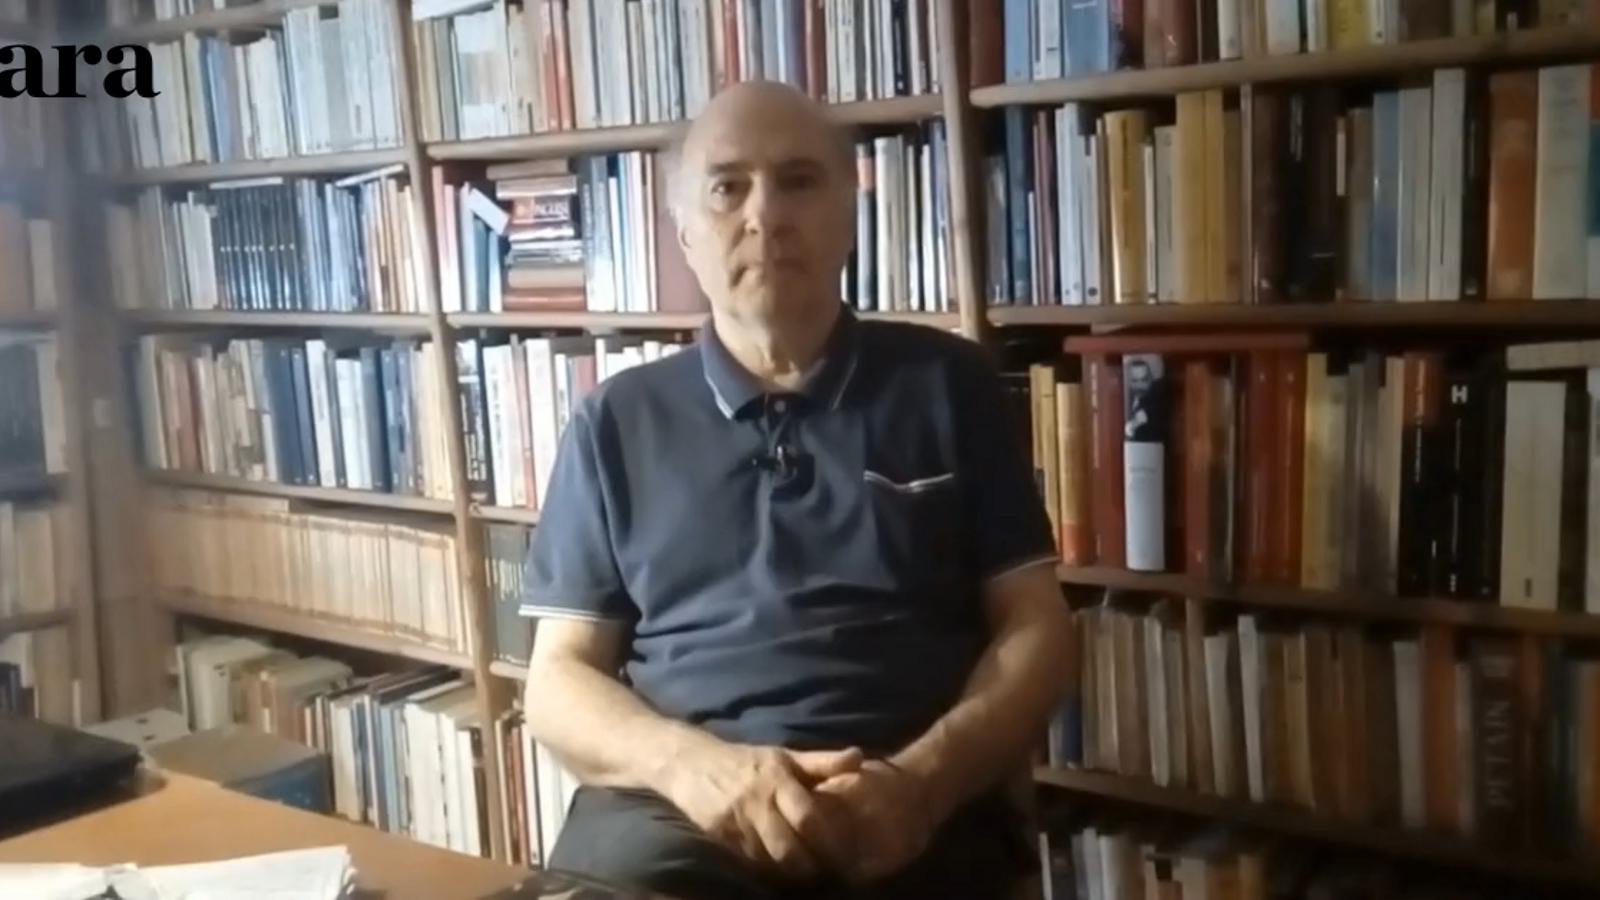 Informes dels contraespies francesos a Barcelona, per Xavier Juncosa